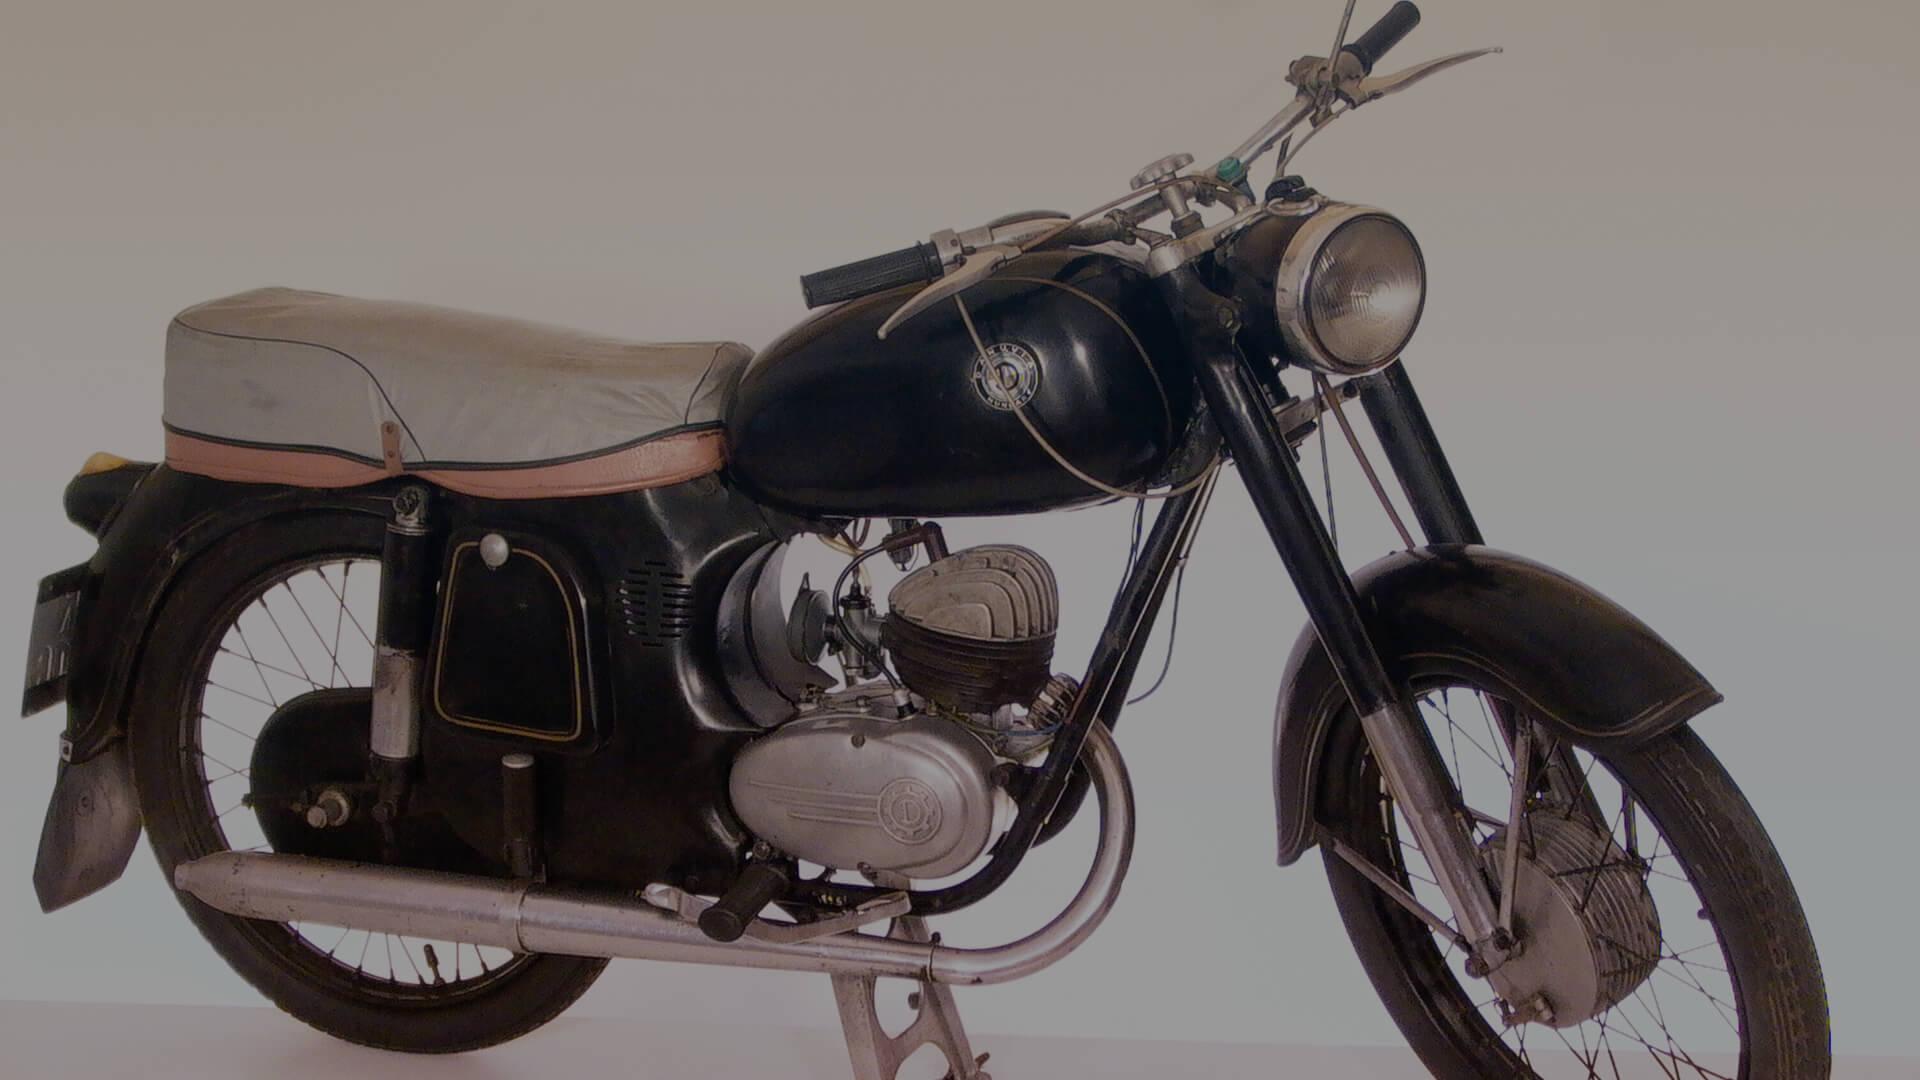 DANUVIA DV-125, 123 cm³, 1959